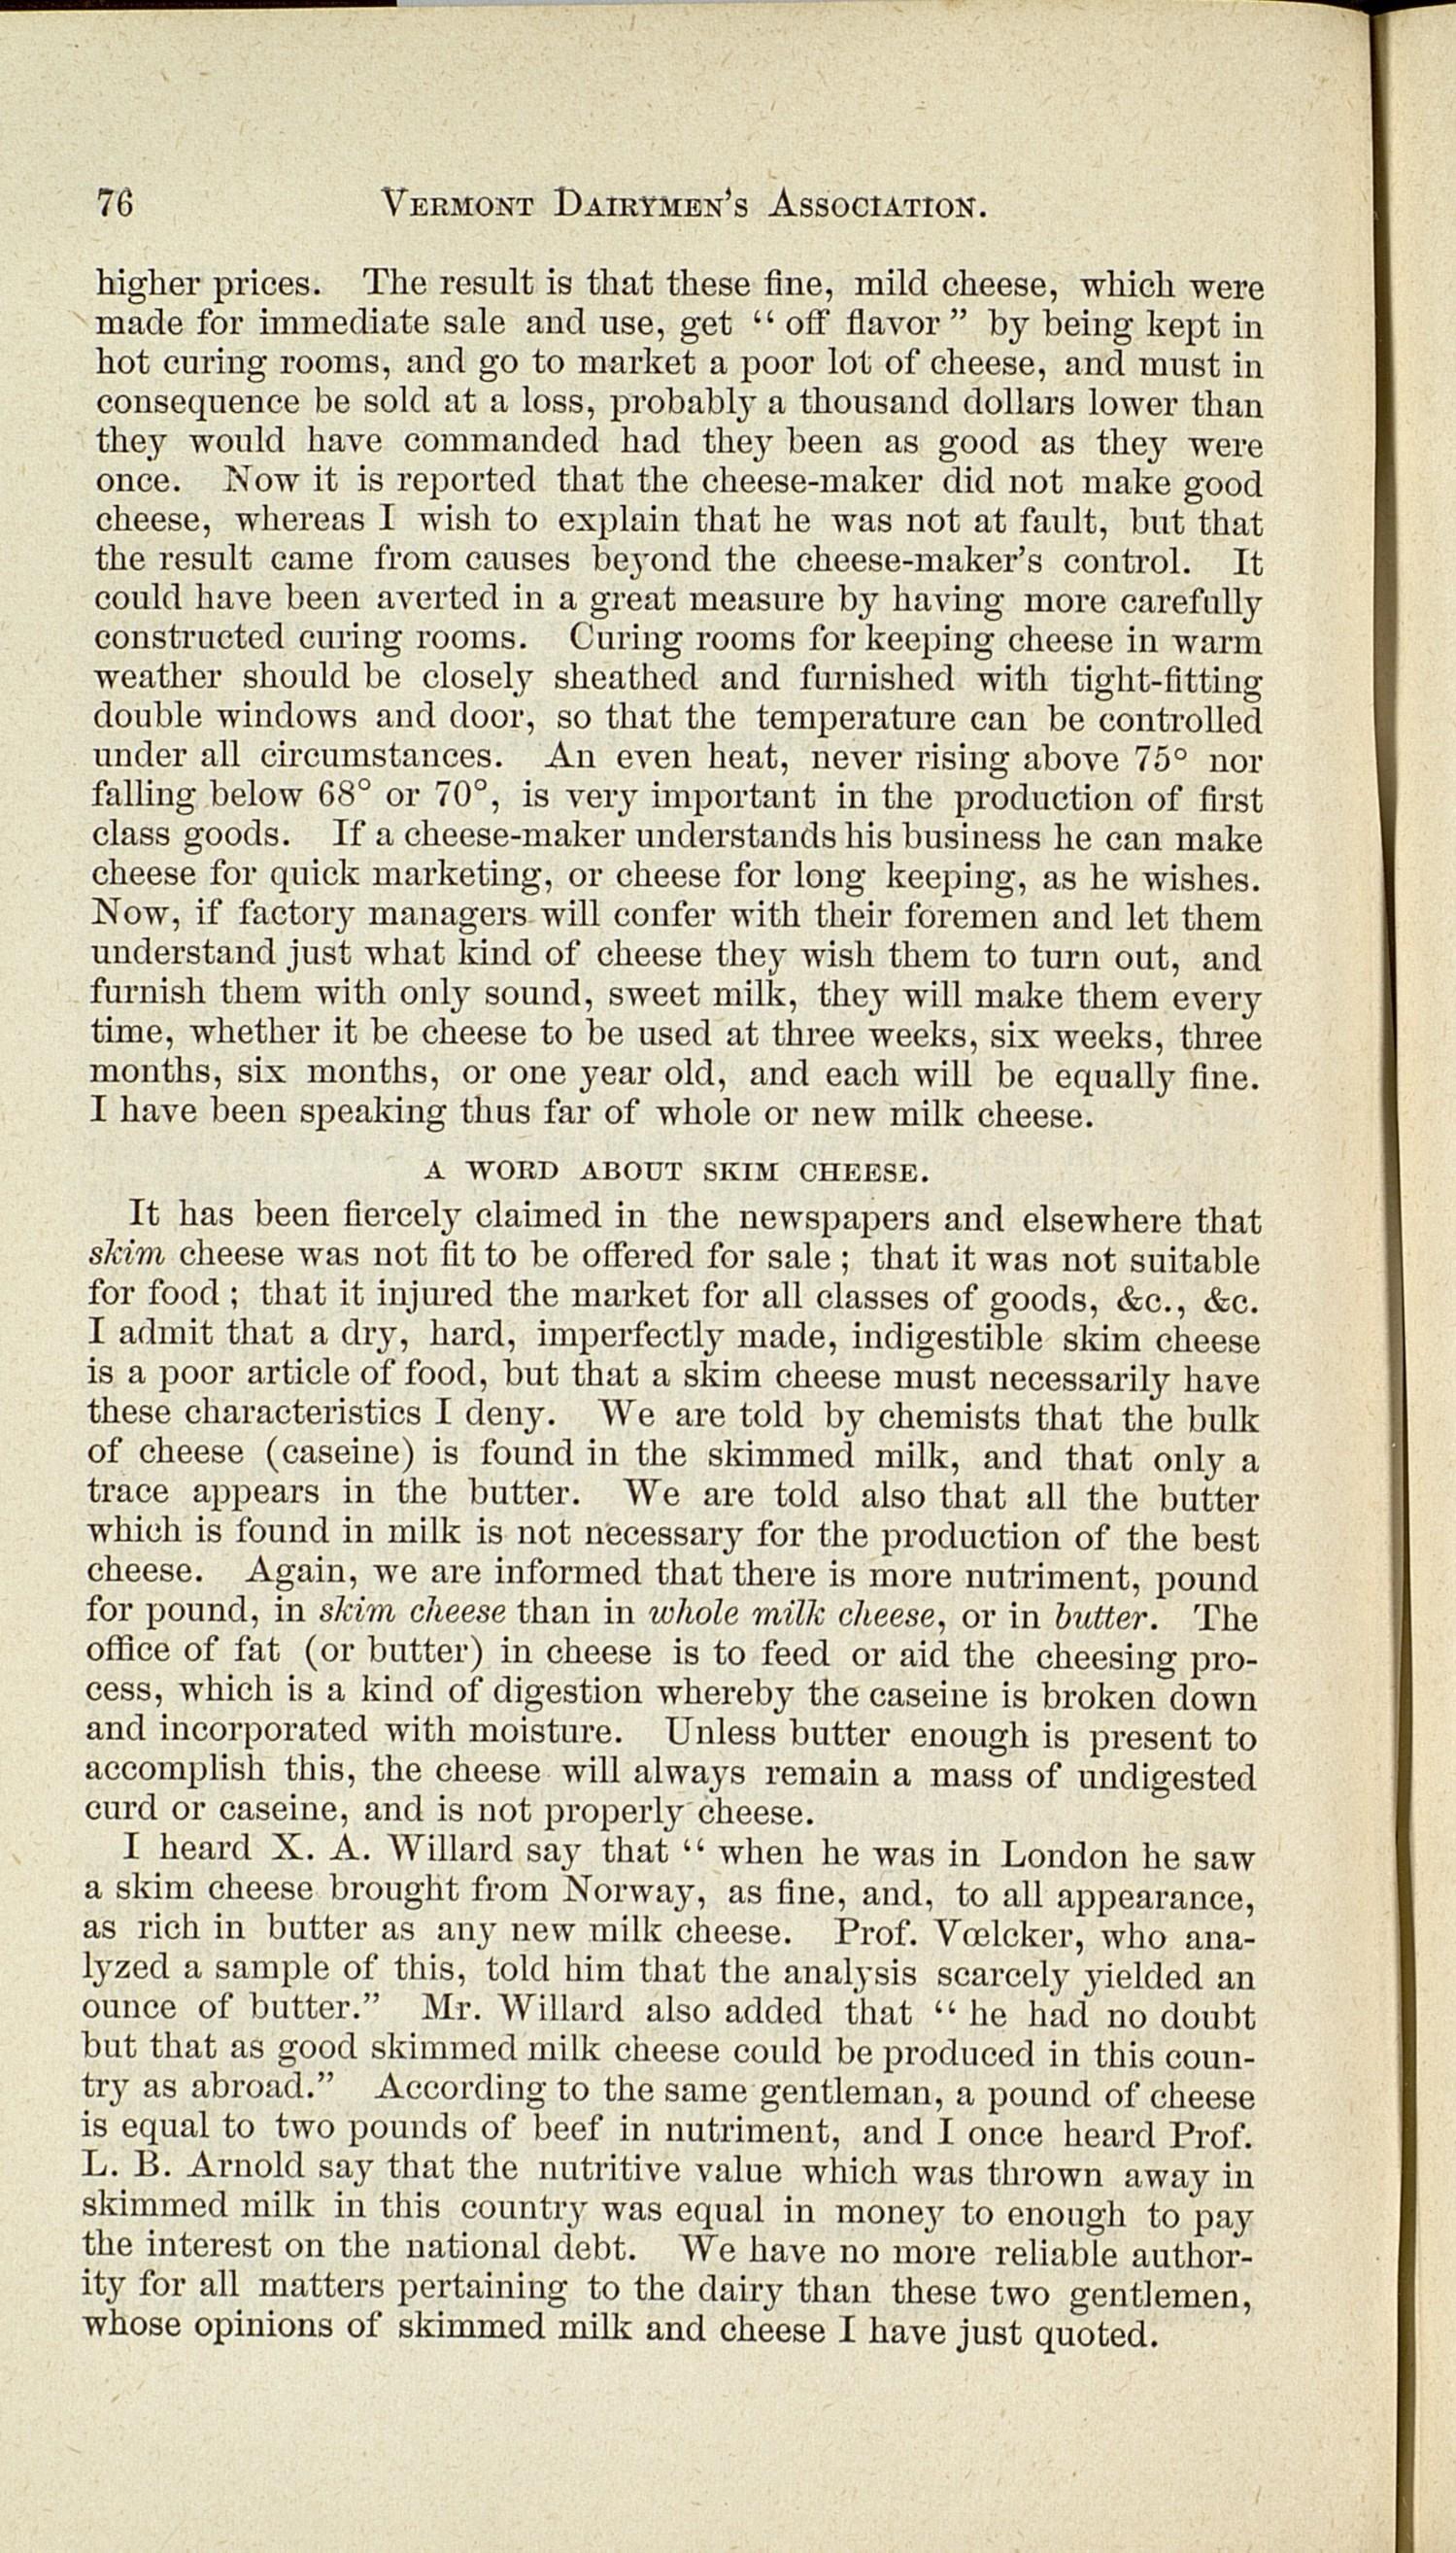 jmt-1877-ellsworth-cheeseandcheesemaking001.jpg